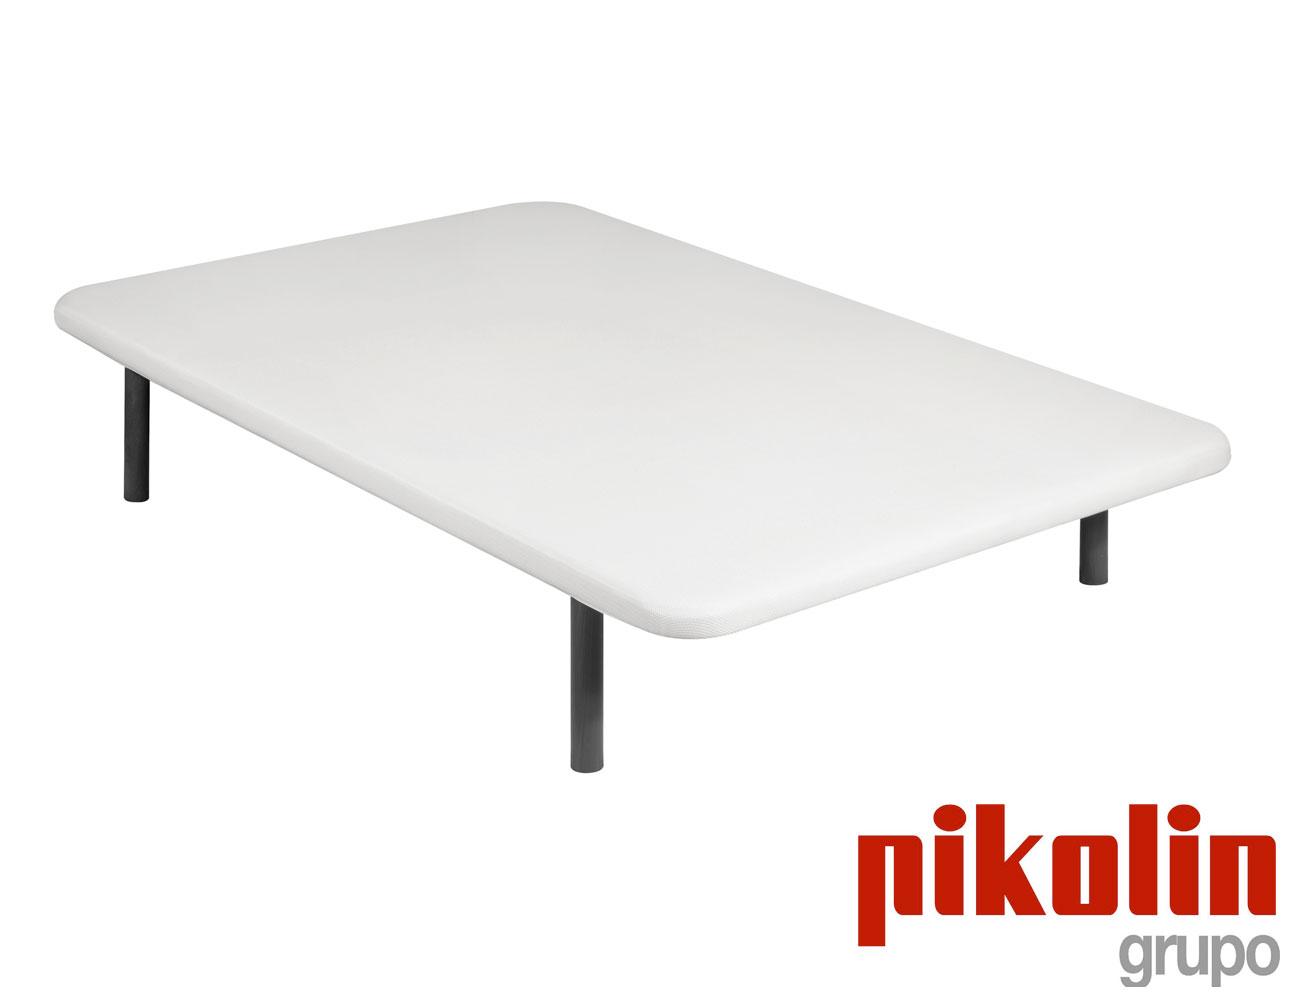 Base tapizada pikolin blanca14